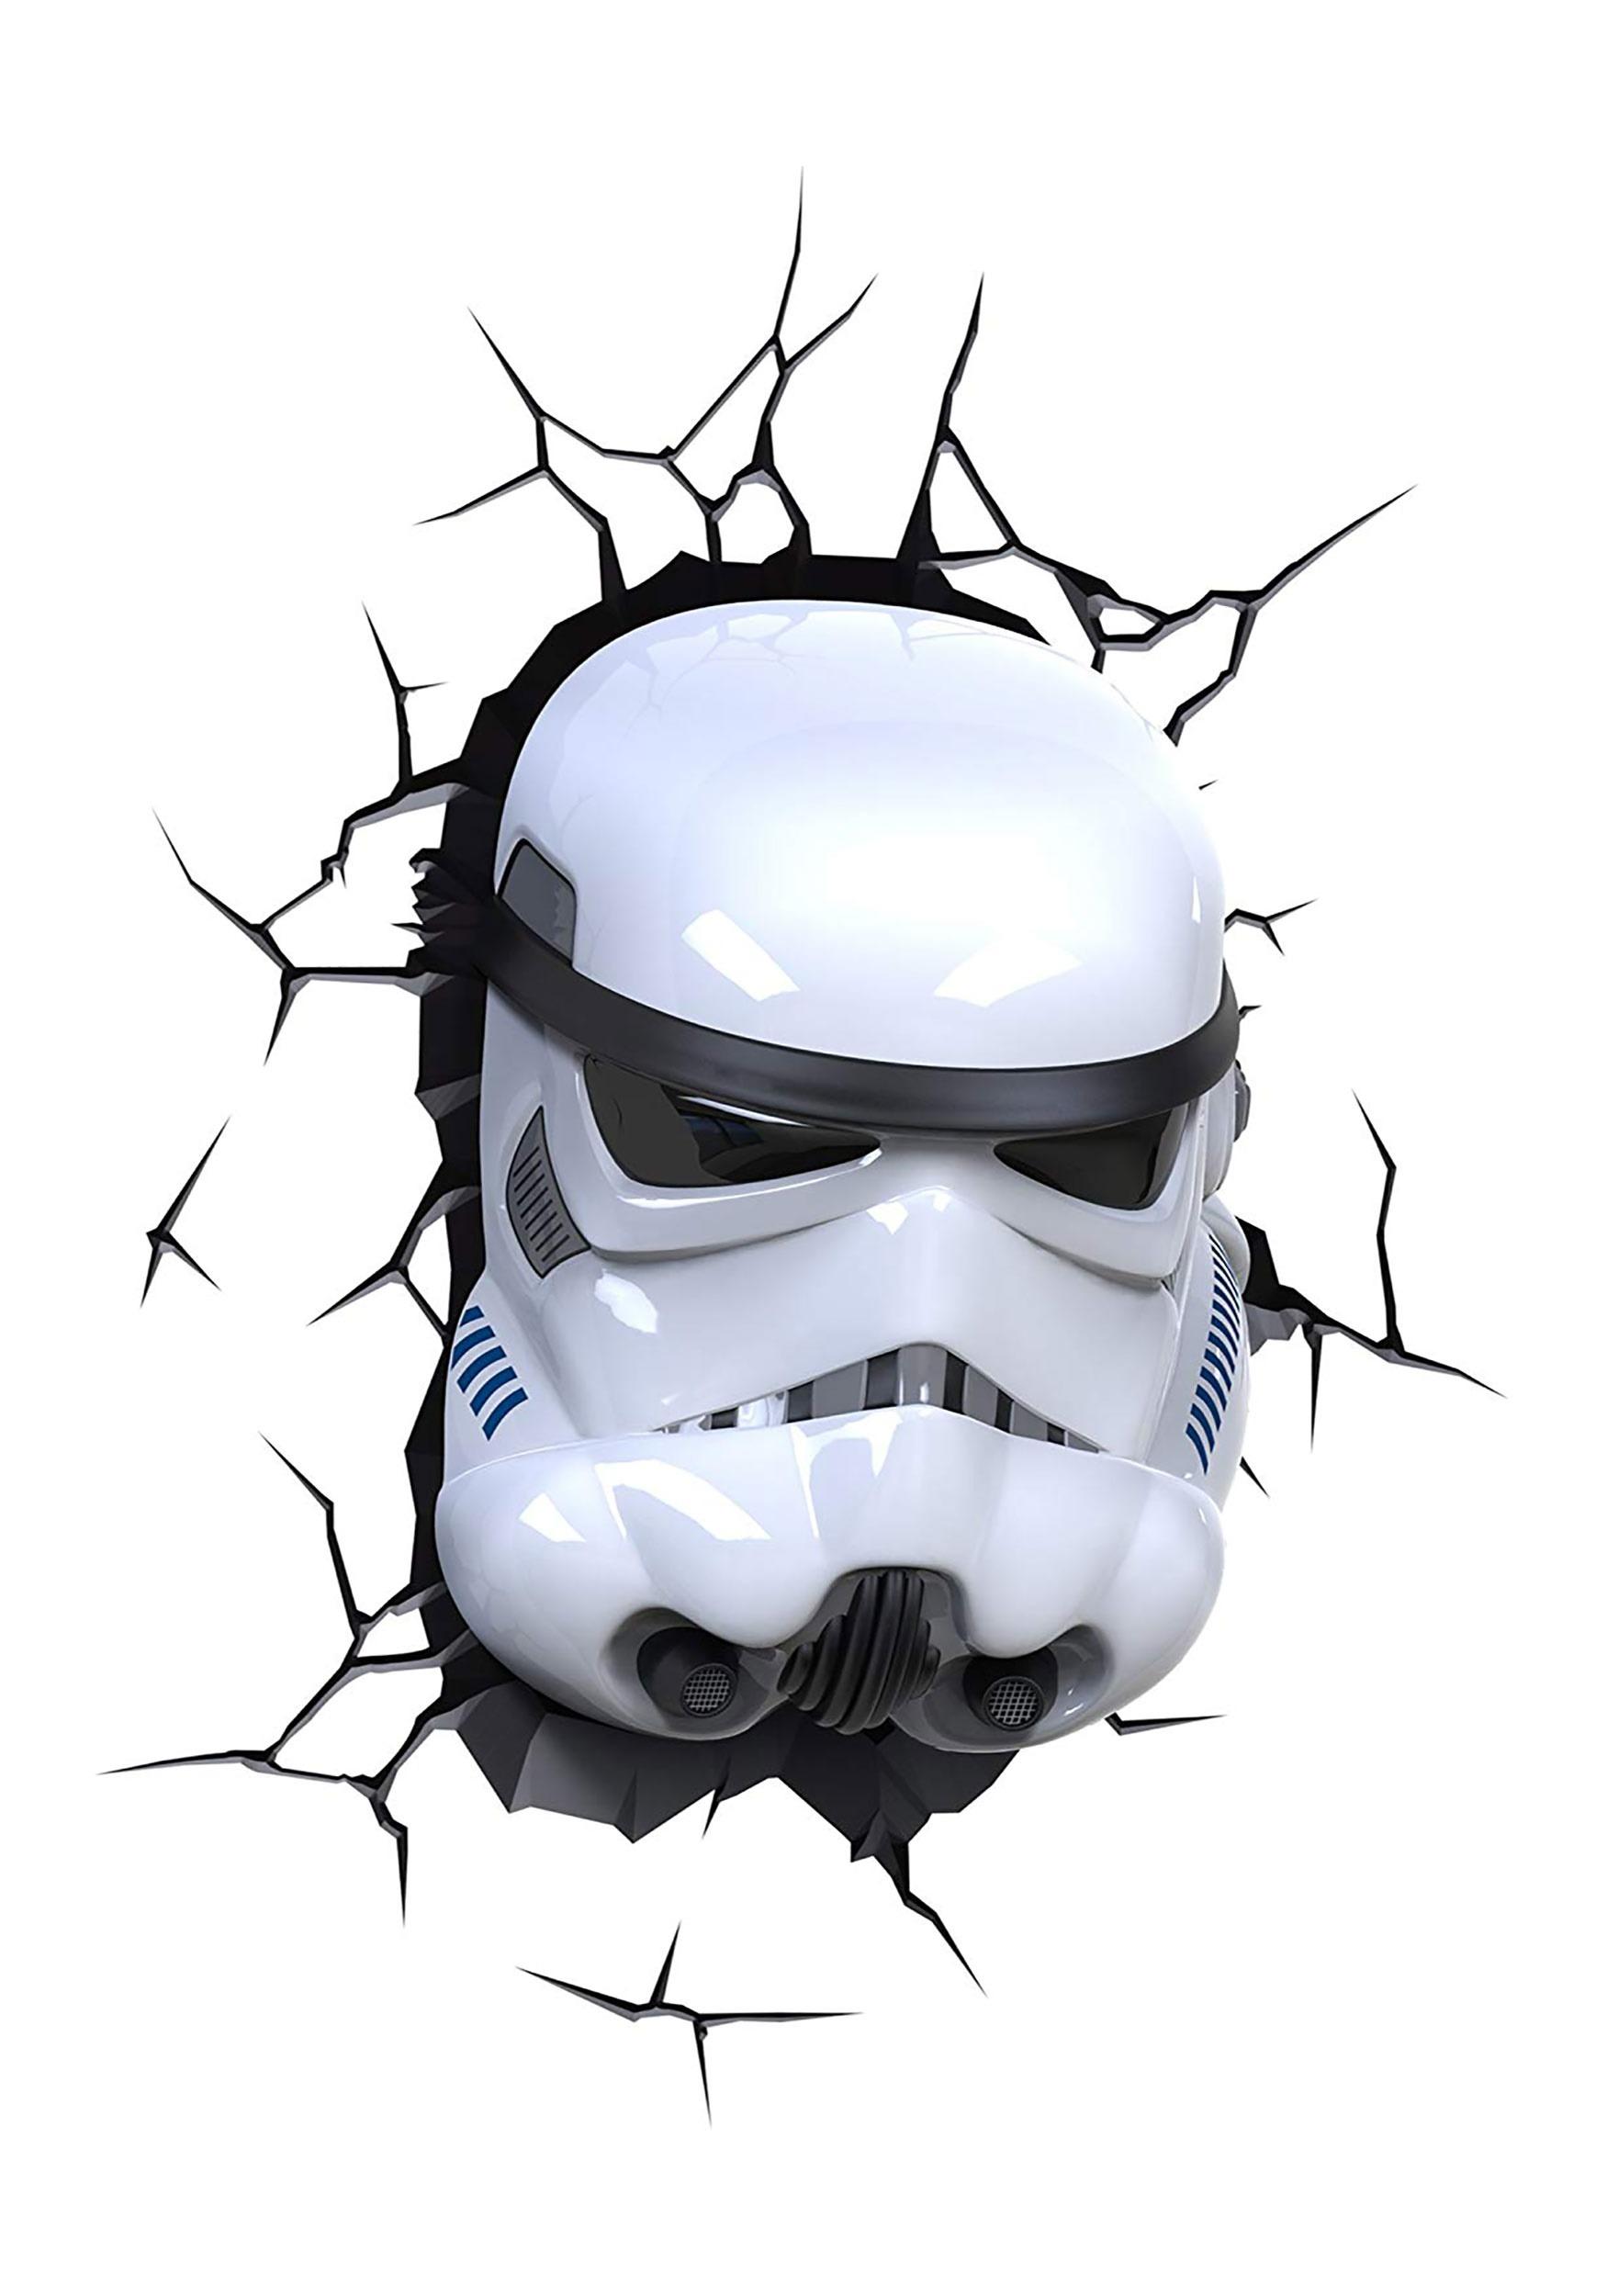 3d Star Wars Storm Trooper Light